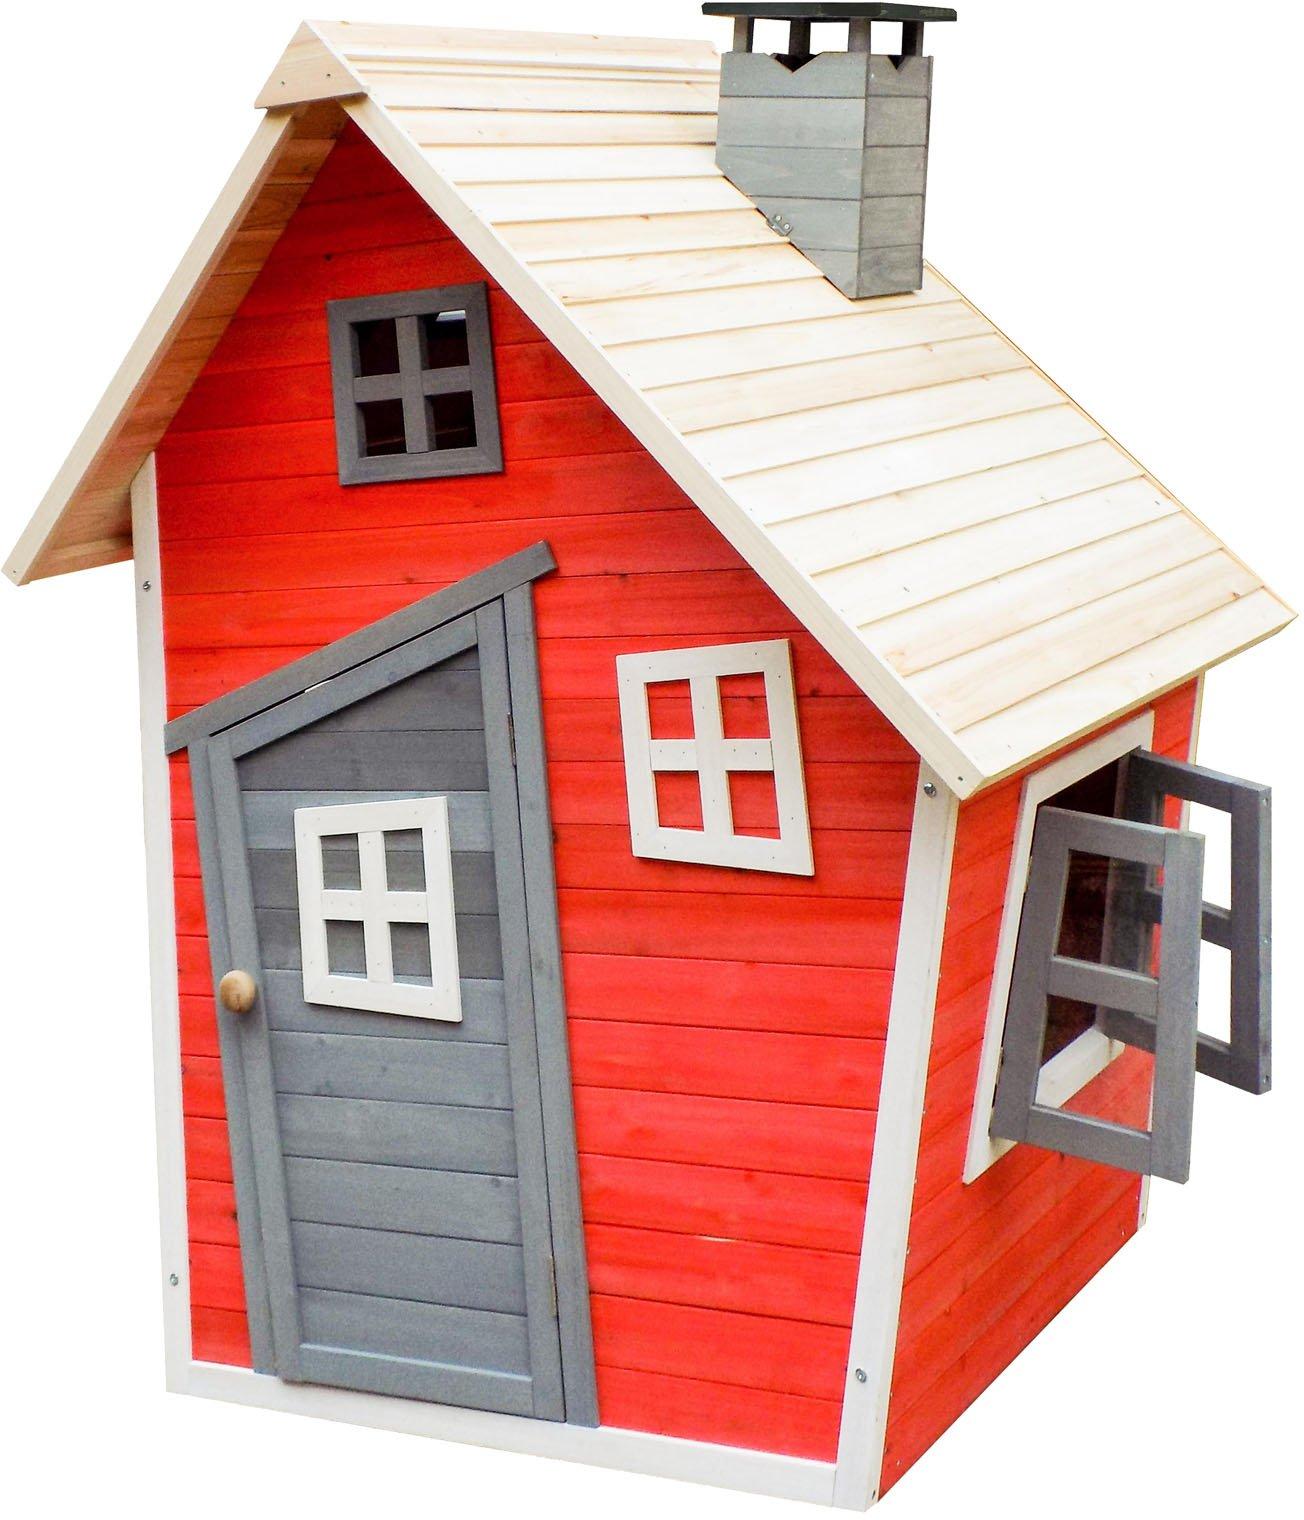 Favorit Spielhaus Holz kaufen | Günstig im Preisvergleich bei PREIS.DE JE95